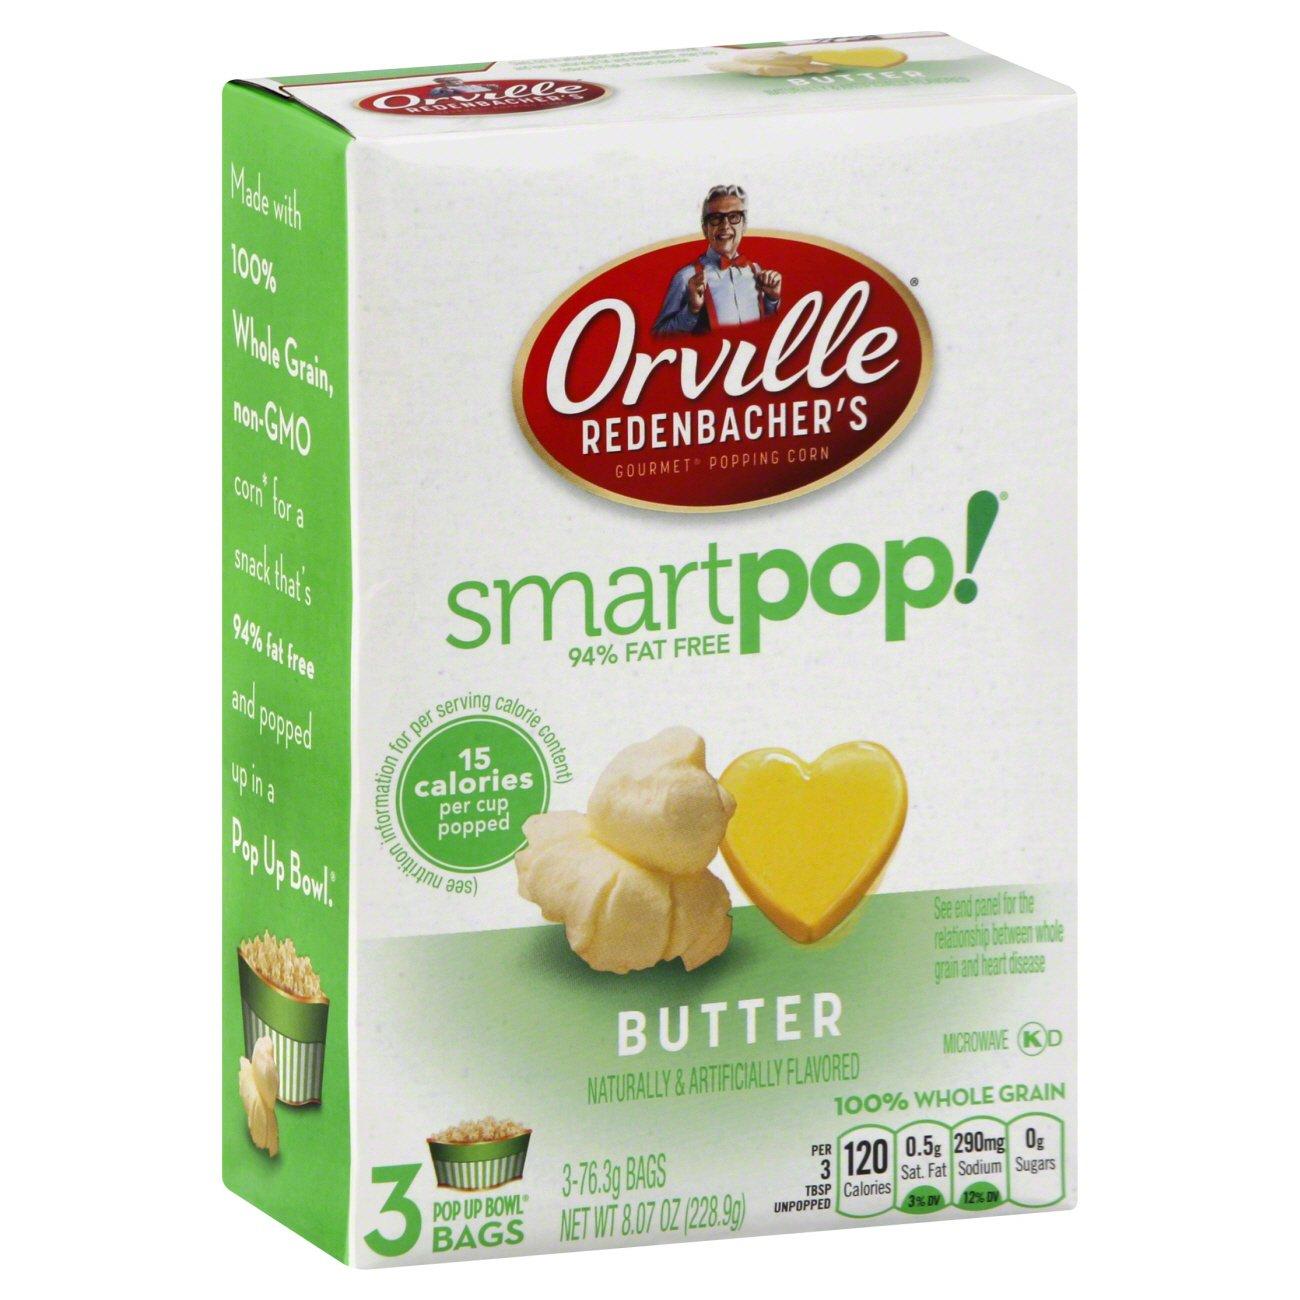 Smart Pop! 94% Fat Free Butter Gourmet